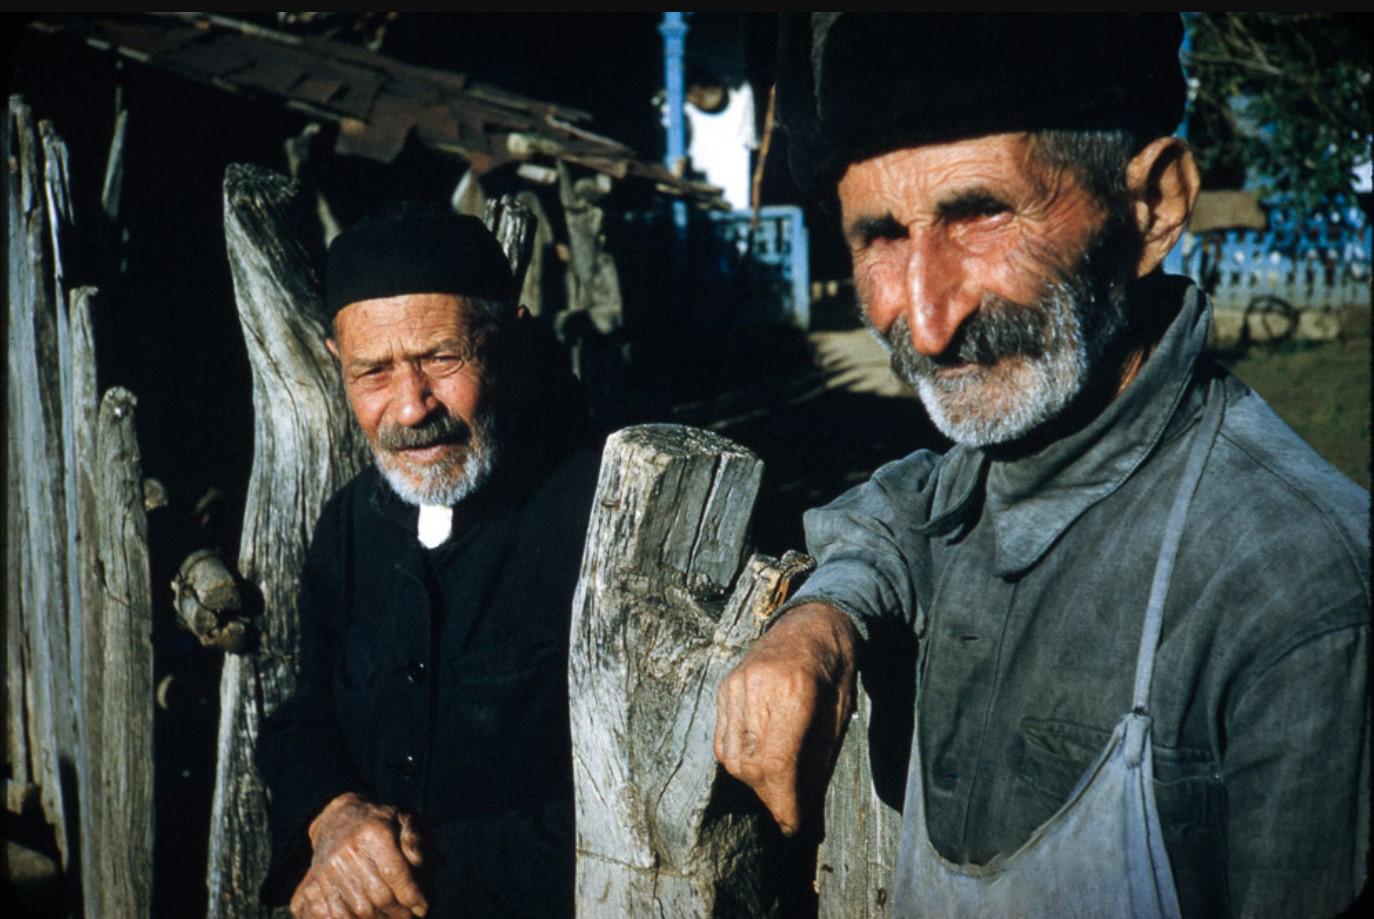 Двое пожилых мужчин позируют у ограды дома